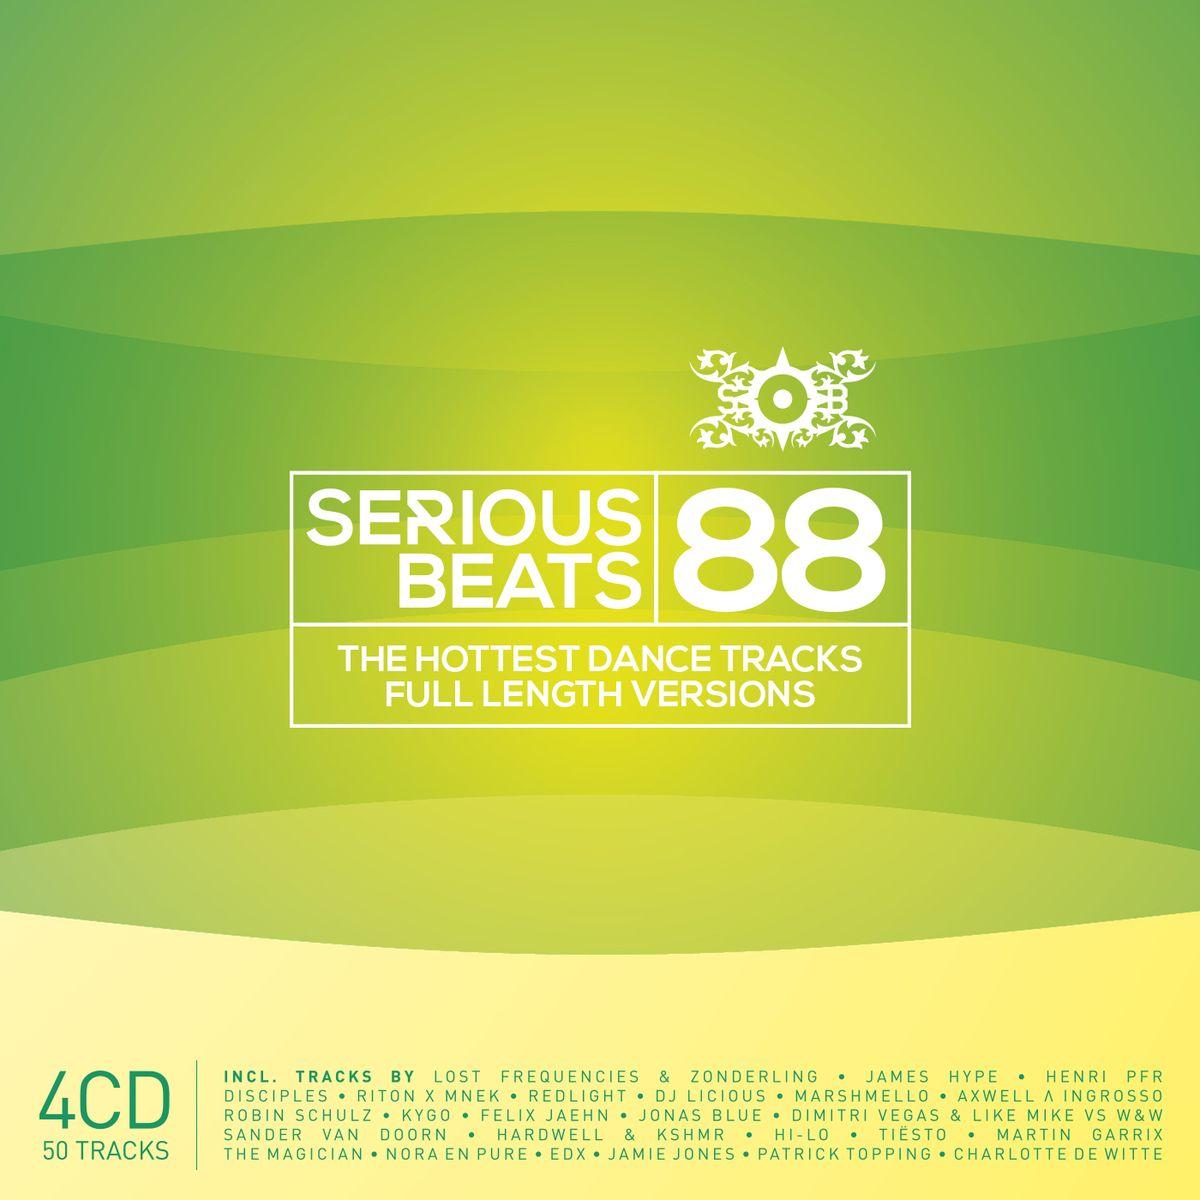 ultratop be - Serious Beats 88